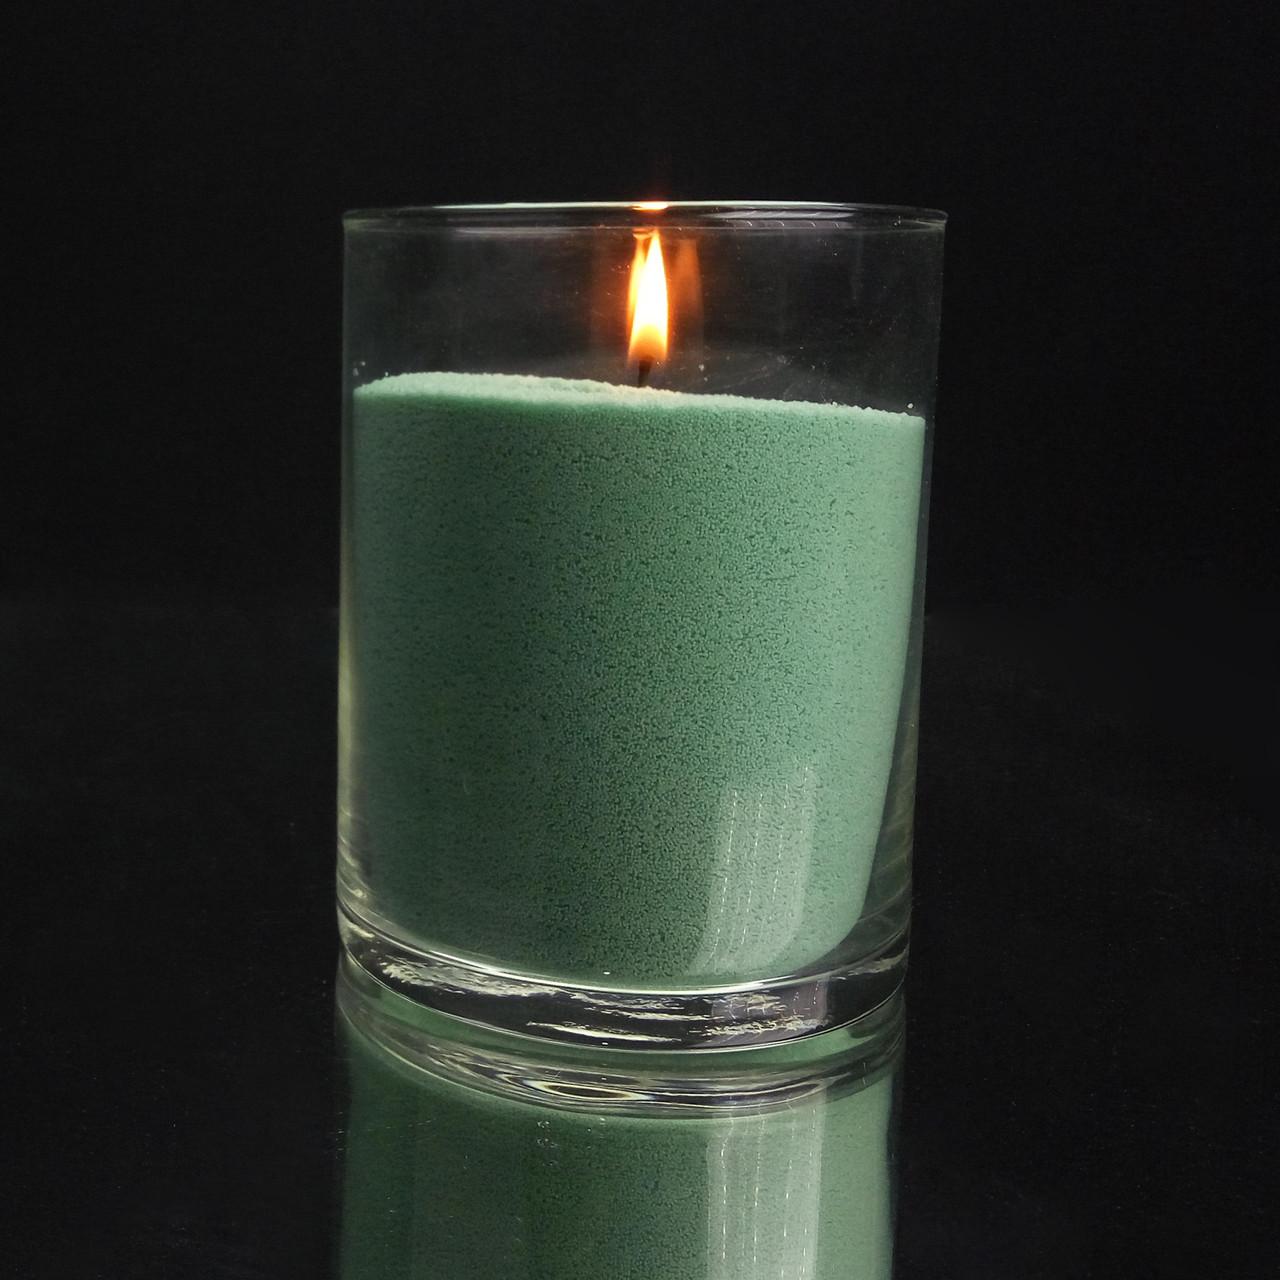 Зеленые (нефритовые) насыпные свечи 1 кг + 1 м фитиля